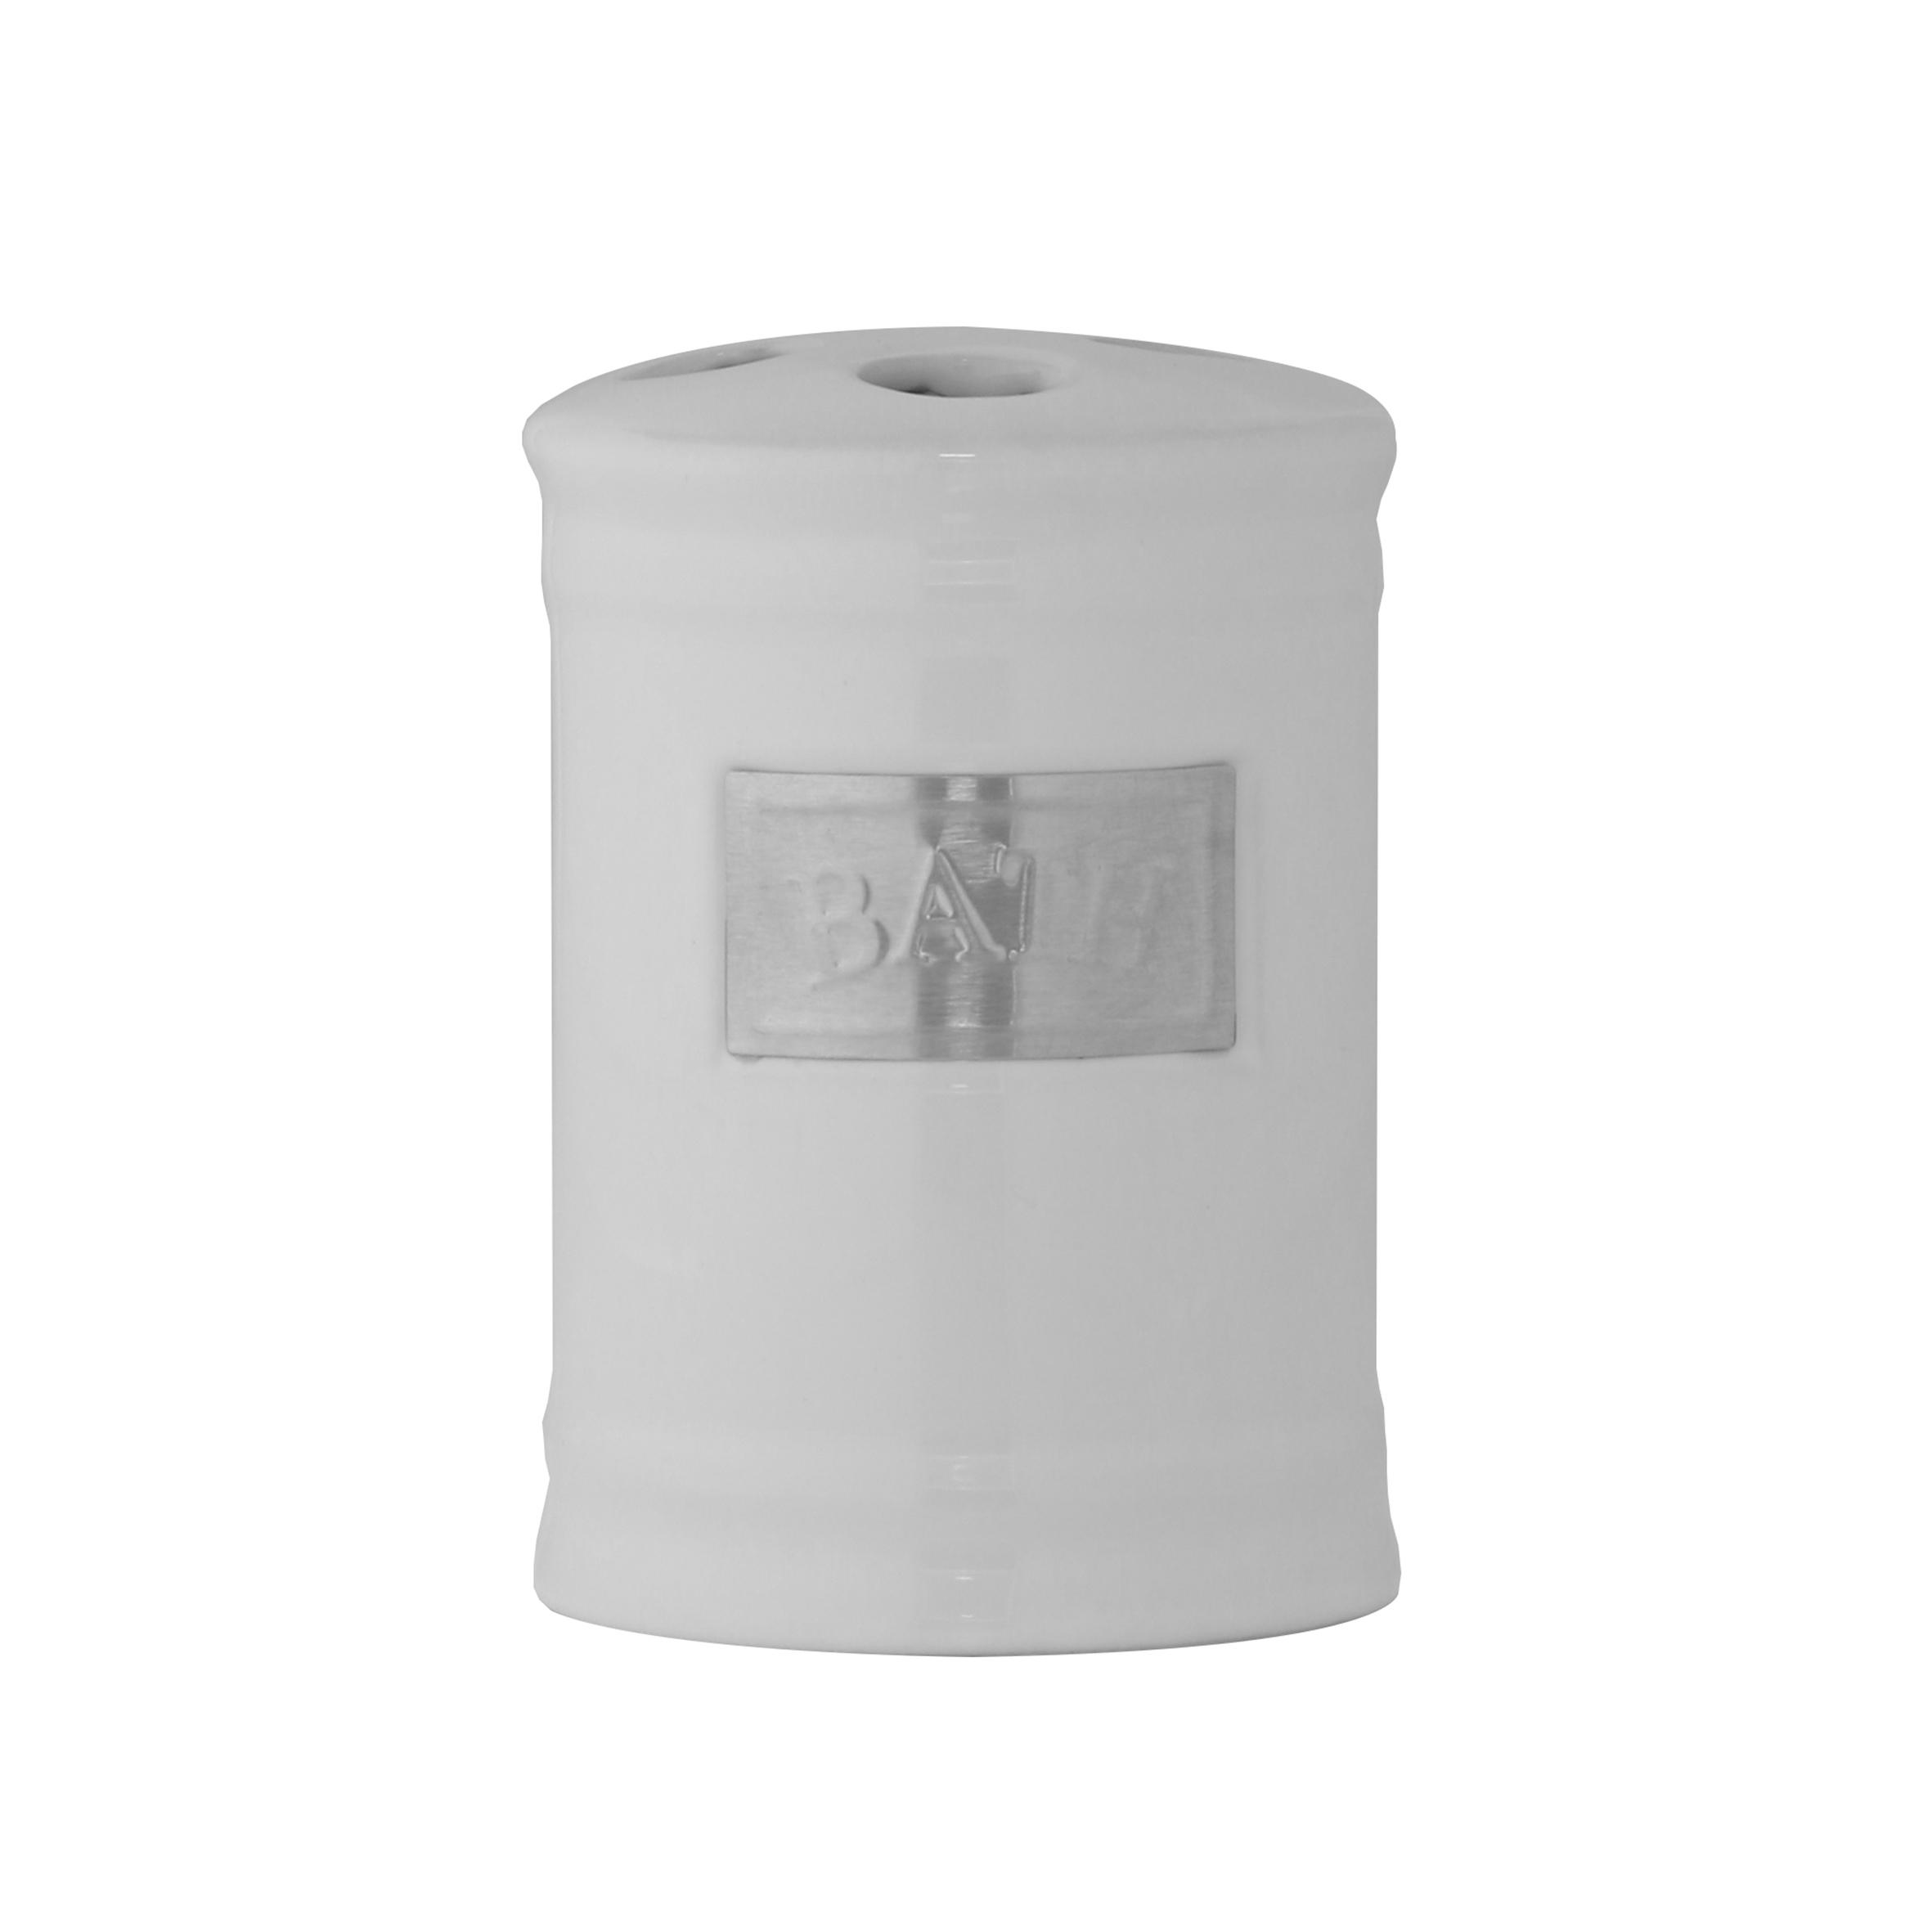 Стакан для зубных щеток Axentia LyonRG-D31SСтакан для зубных щеток Axentia Lyon выполнен из керамики с элементами из нержавеющей стали в античном стиле. Изделие превосходно дополнит интерьер ванной комнаты.